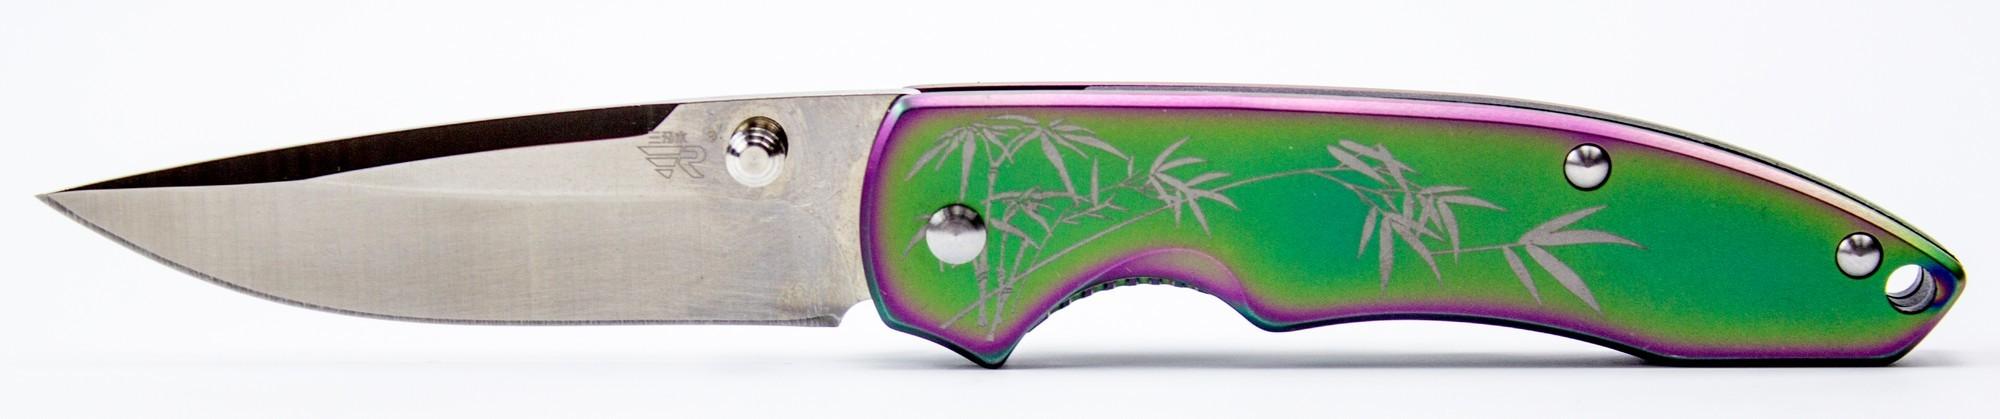 Фото 4 - Складной нож SanRenMu 7073LUX-SP